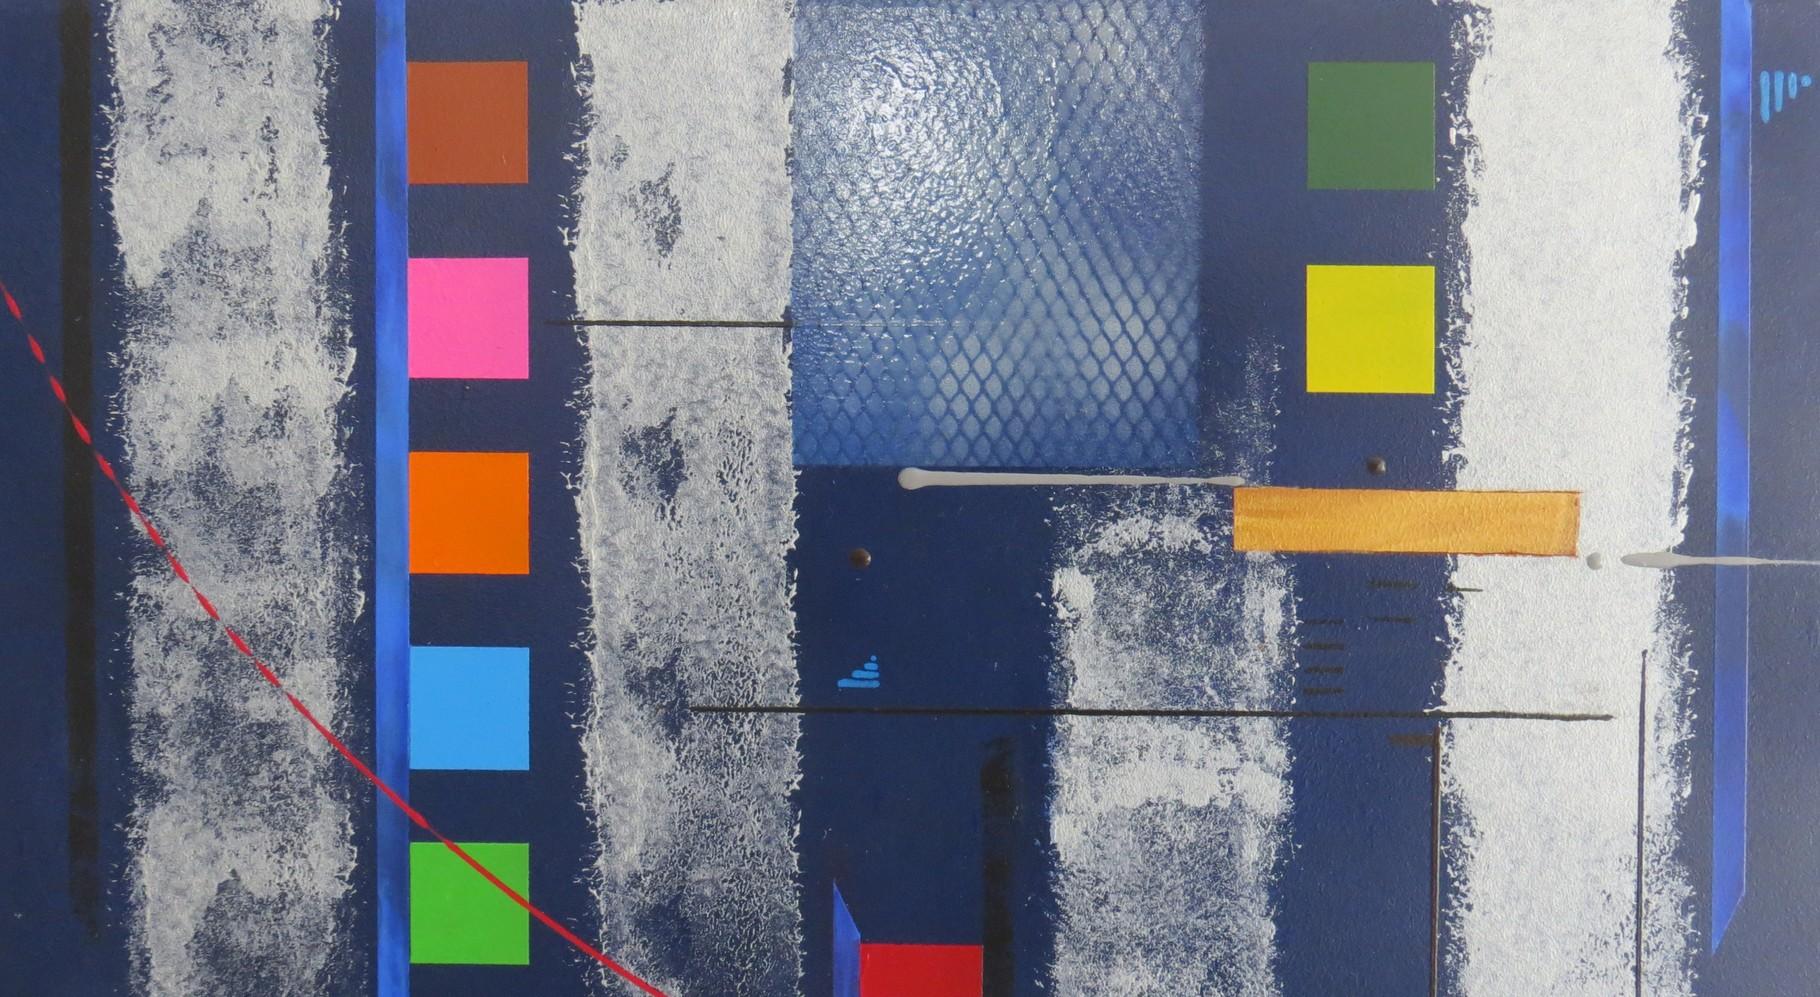 bleu d'argent vue zoom2 - daluz galego tableau abstrait abstraction